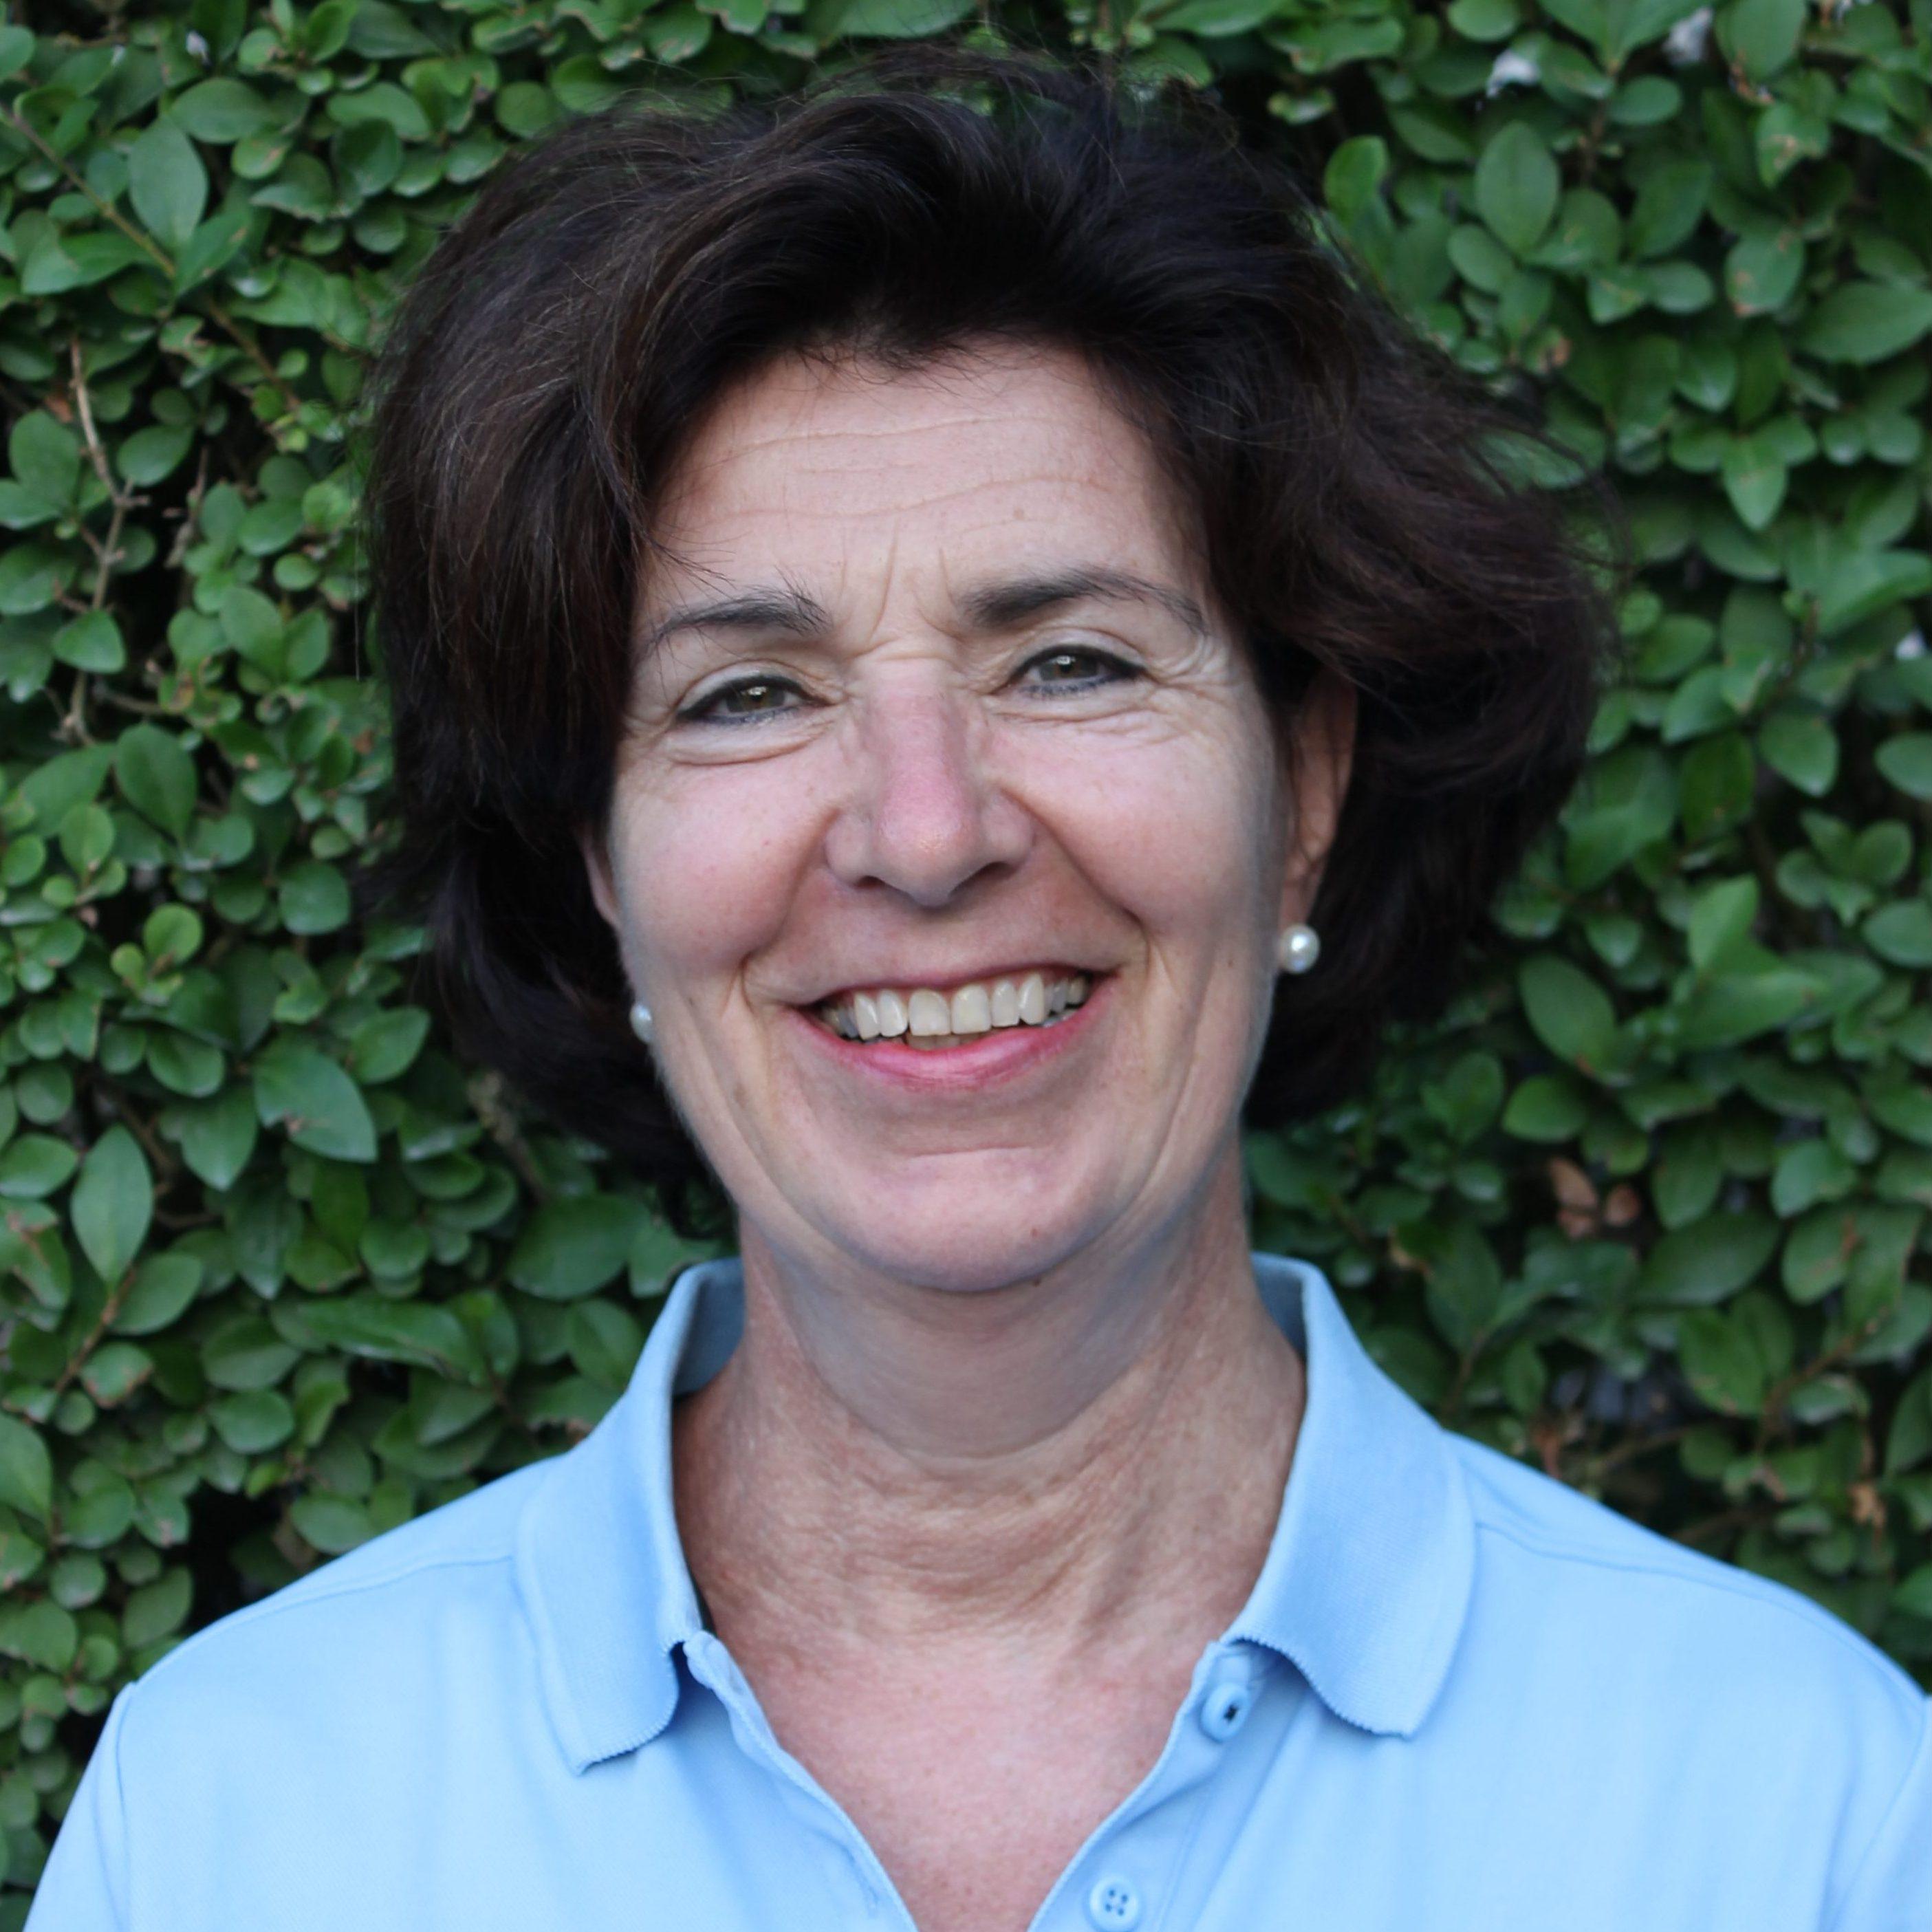 Marieke van Arendonk